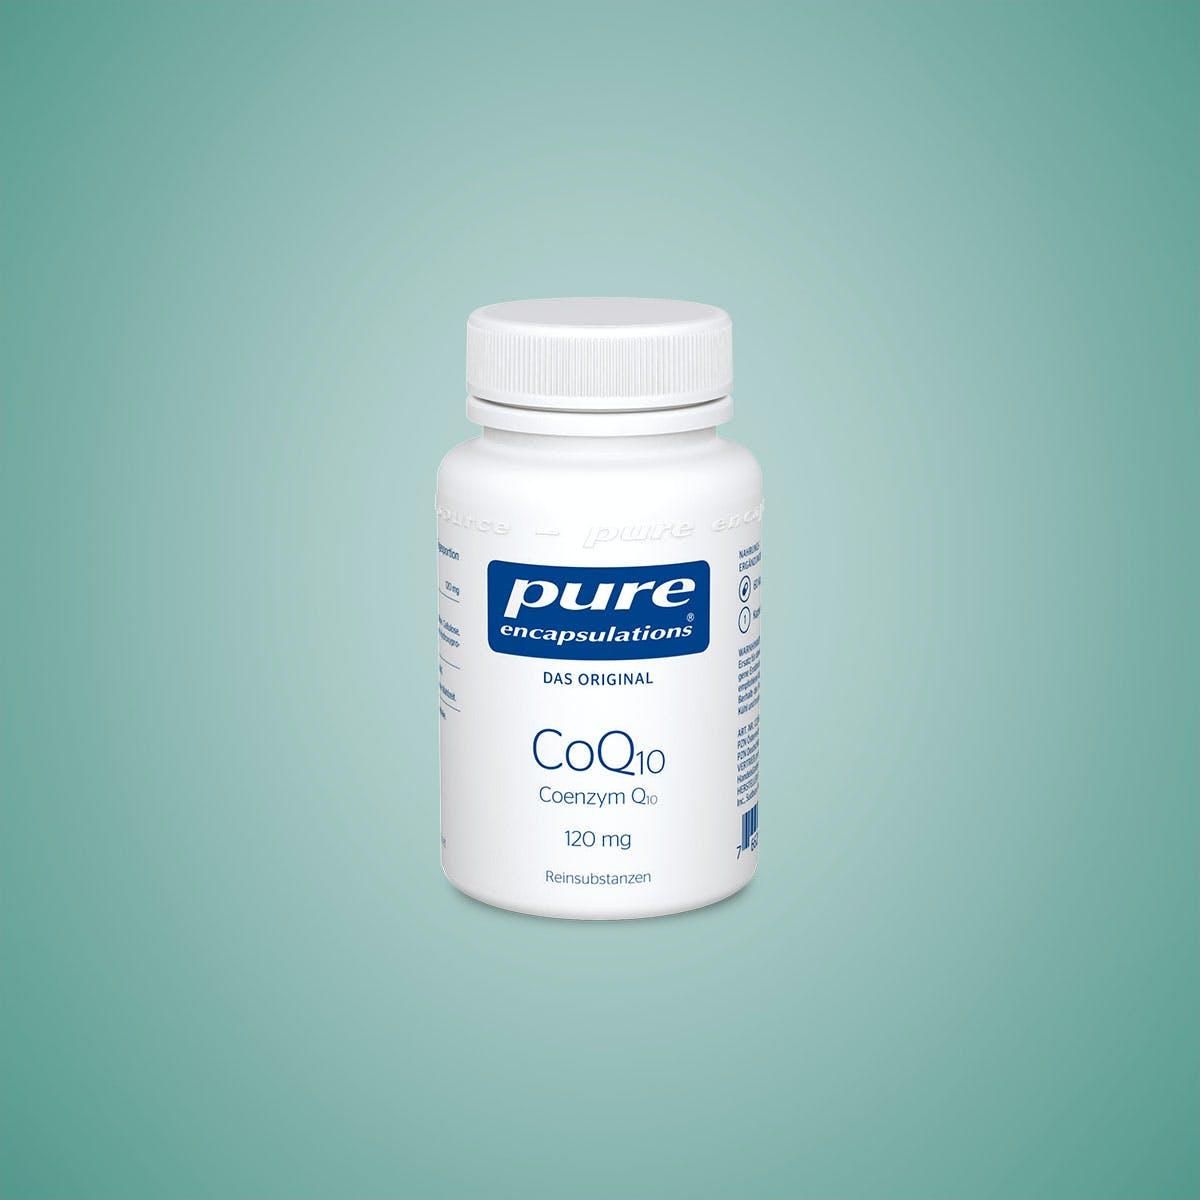 Hochwertiges Coenzym Q10 in Kapselform von Pure Encapsulations